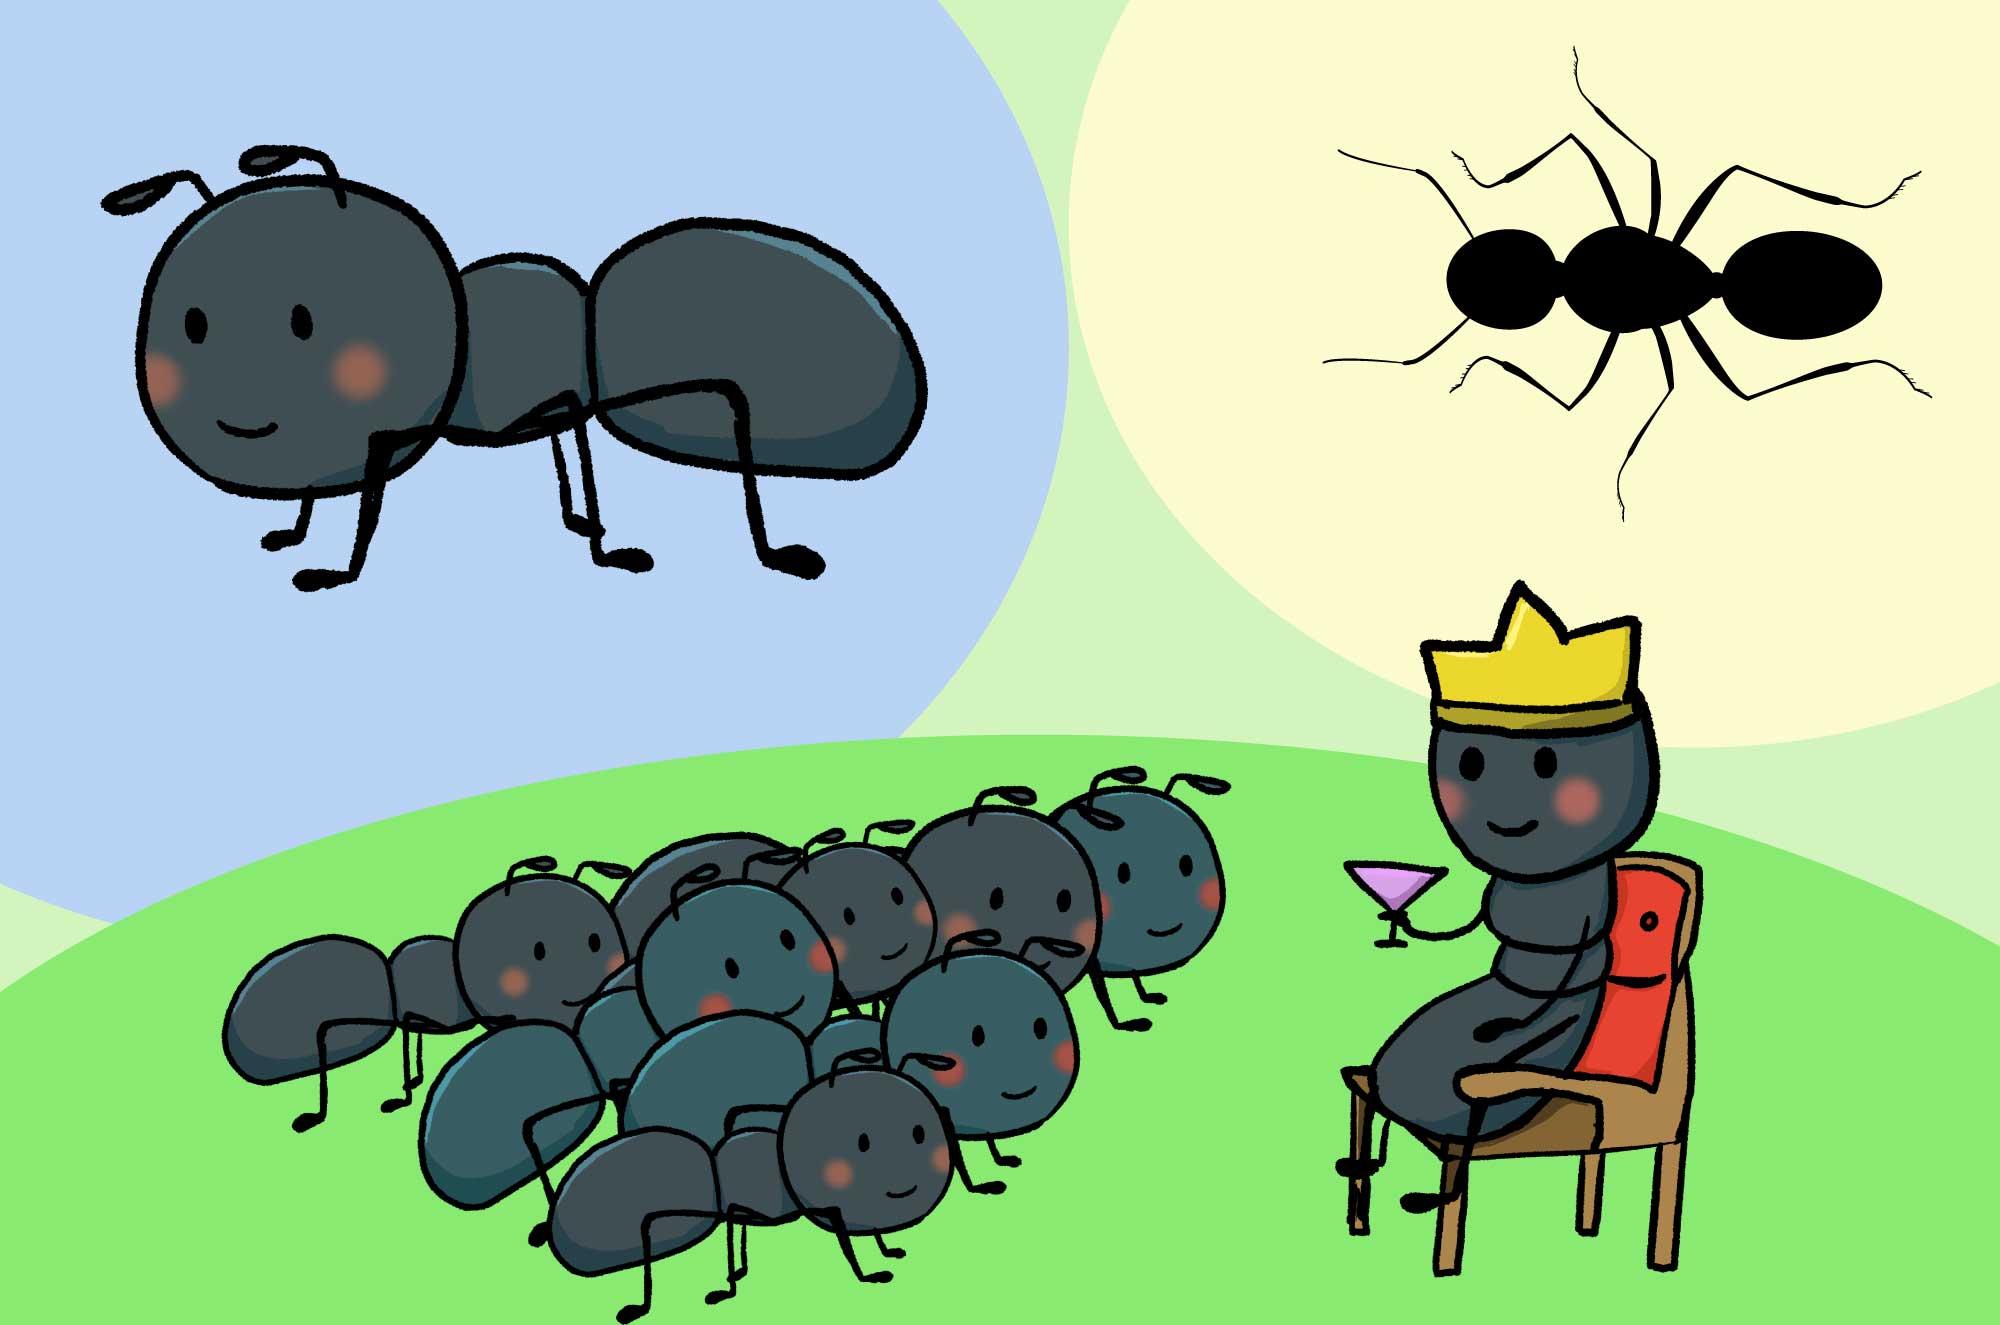 蟻のイラスト - リアル・可愛いタッチの昆虫無料素材